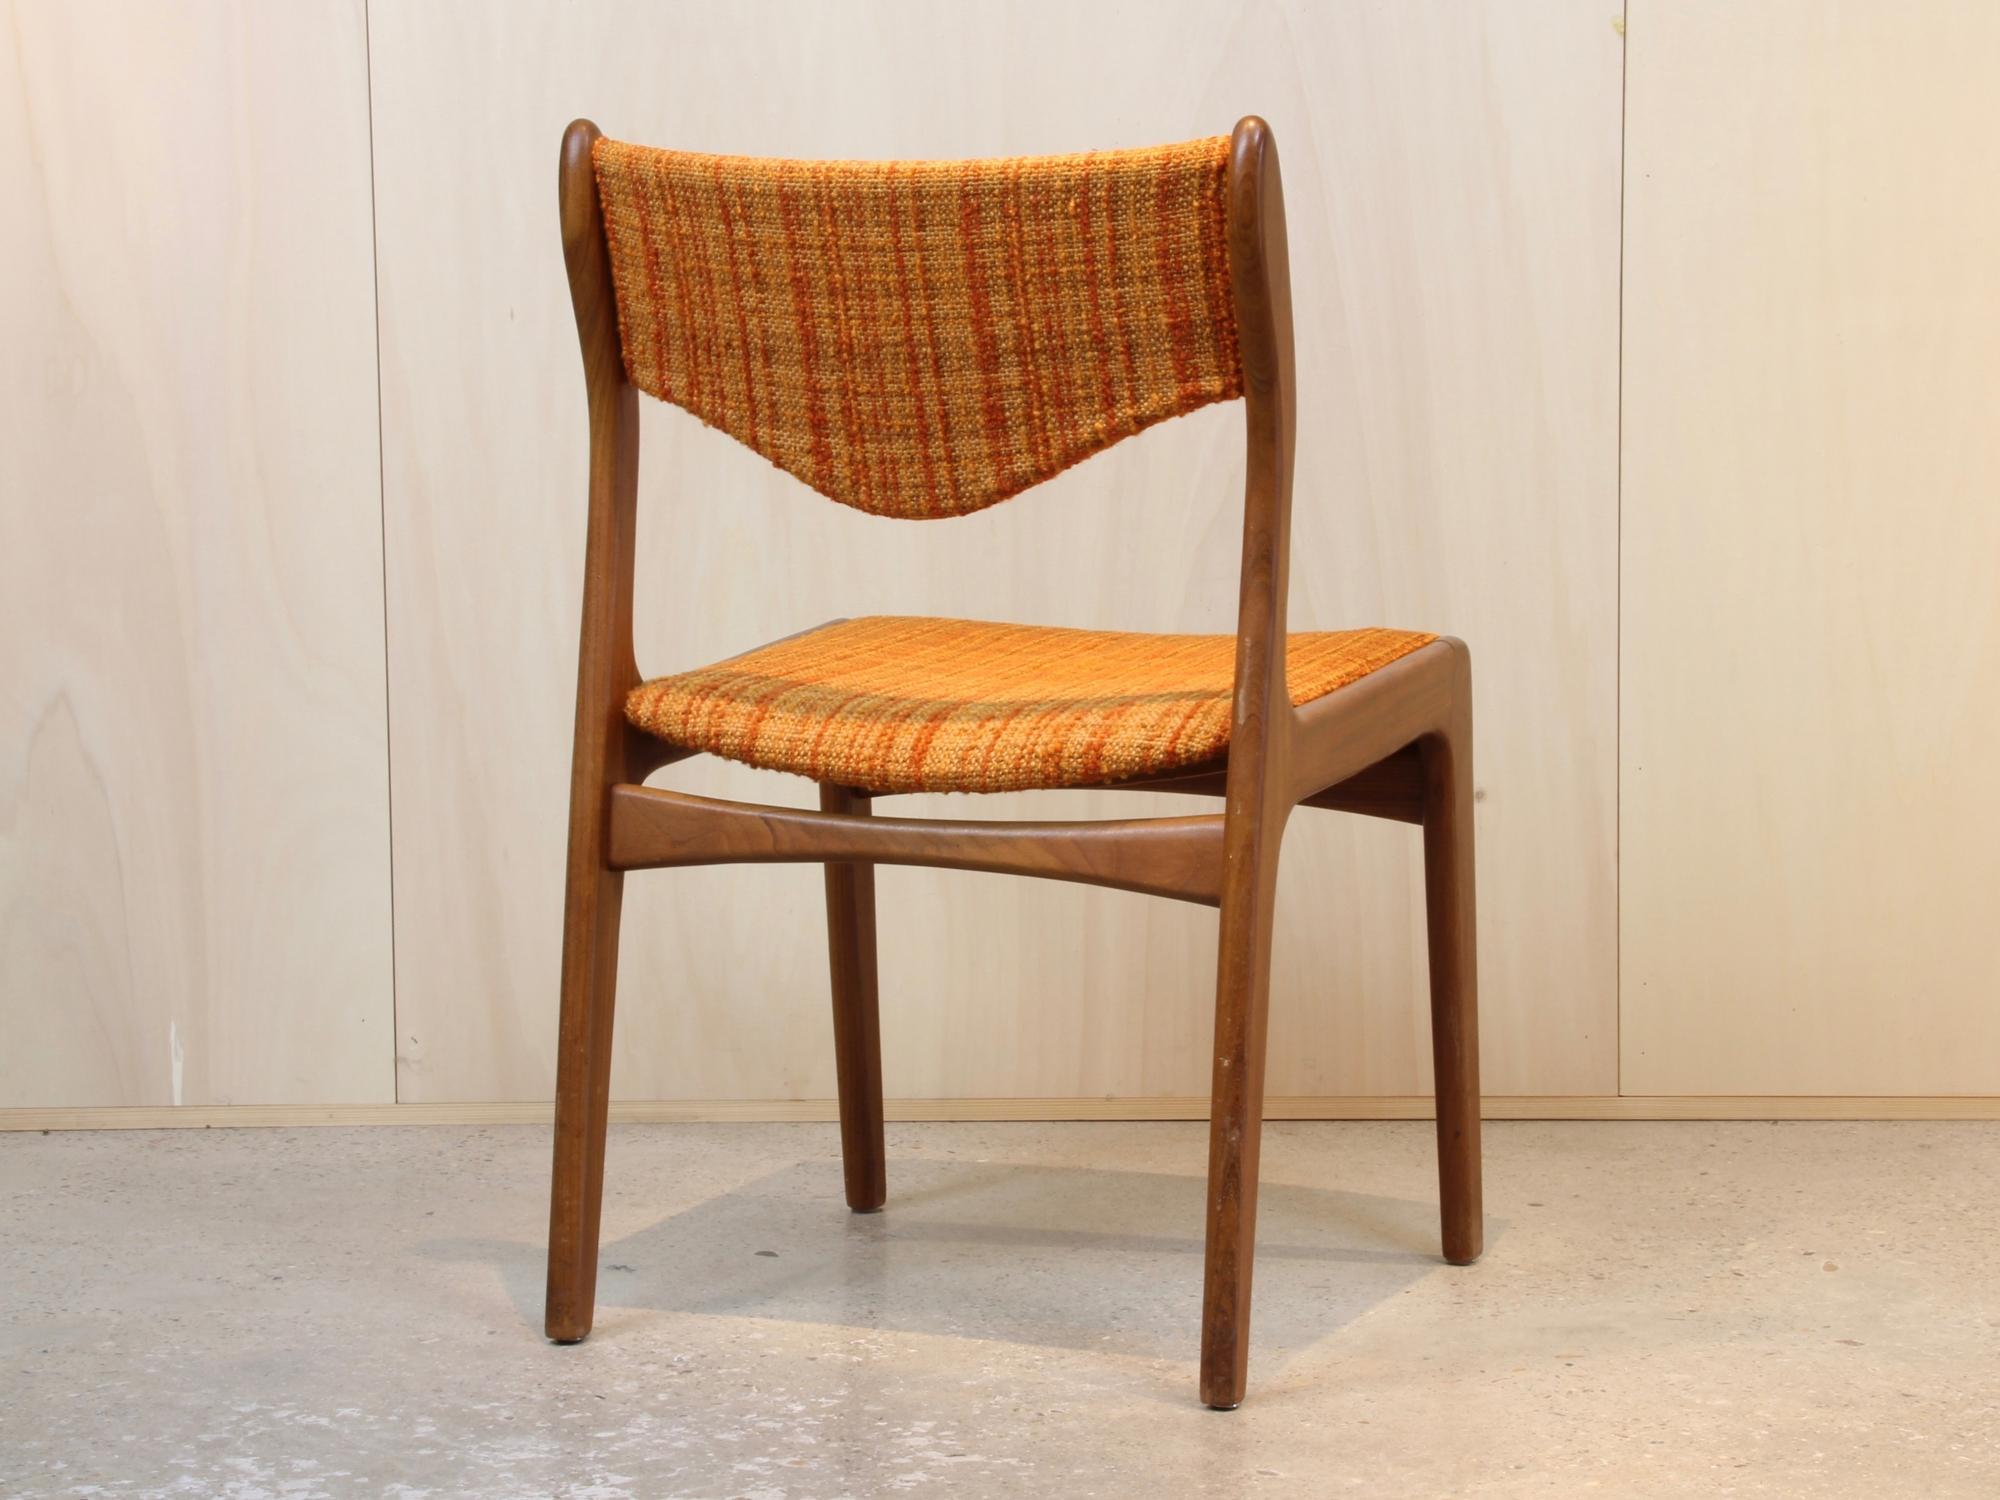 Remarkable Johannes Andersen For Mahjongg Vlaardingen Four Chairs With Inzonedesignstudio Interior Chair Design Inzonedesignstudiocom